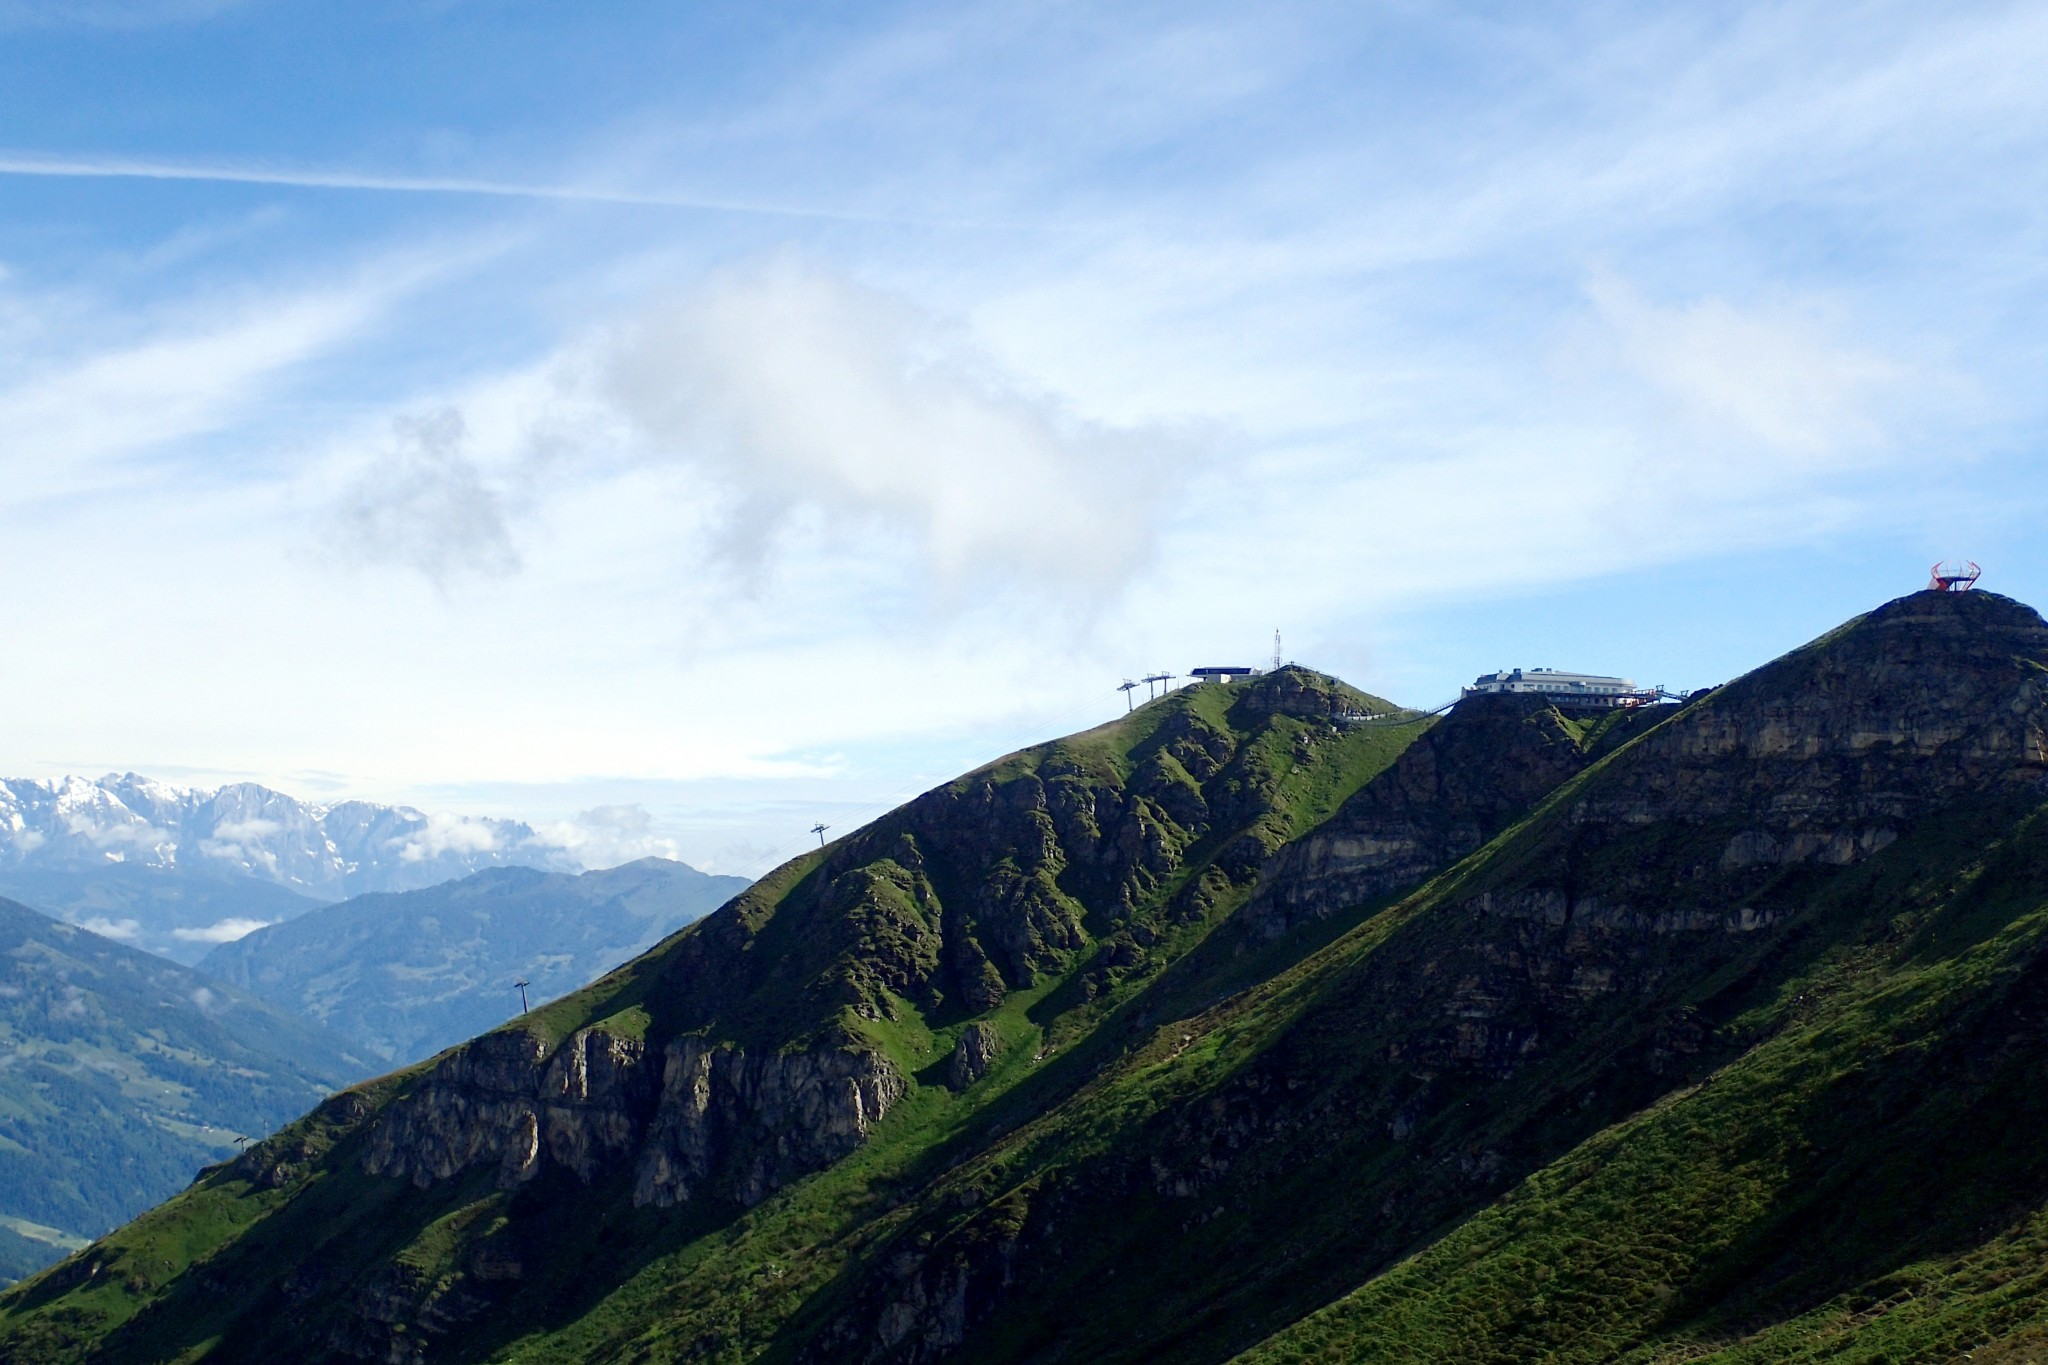 Keskimmäisellä huipulla päähissiasema, jonka vasemmalla puolella näkyy riippusilta. Etummaisella huipulla Glocknerblickin näköalatasanne.